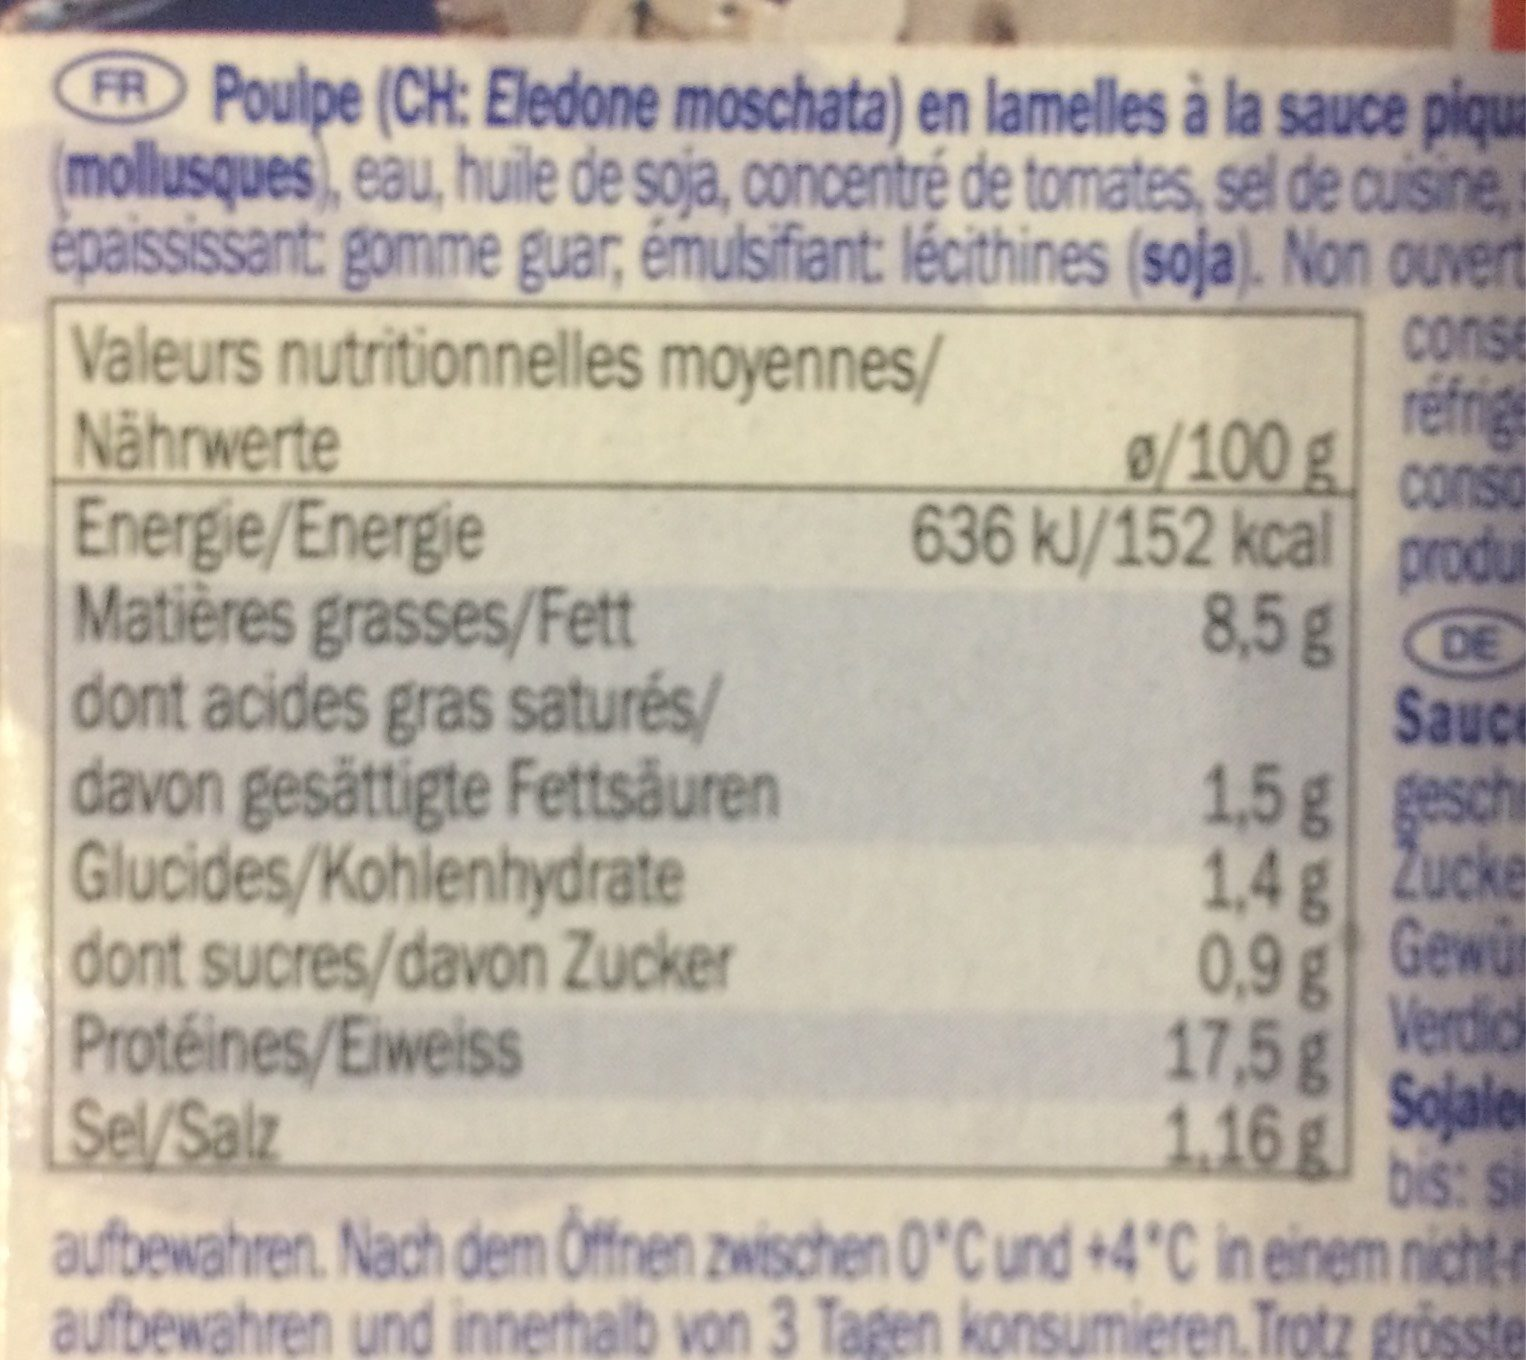 Poulpe a la sauce piquante - Nutrition facts - fr